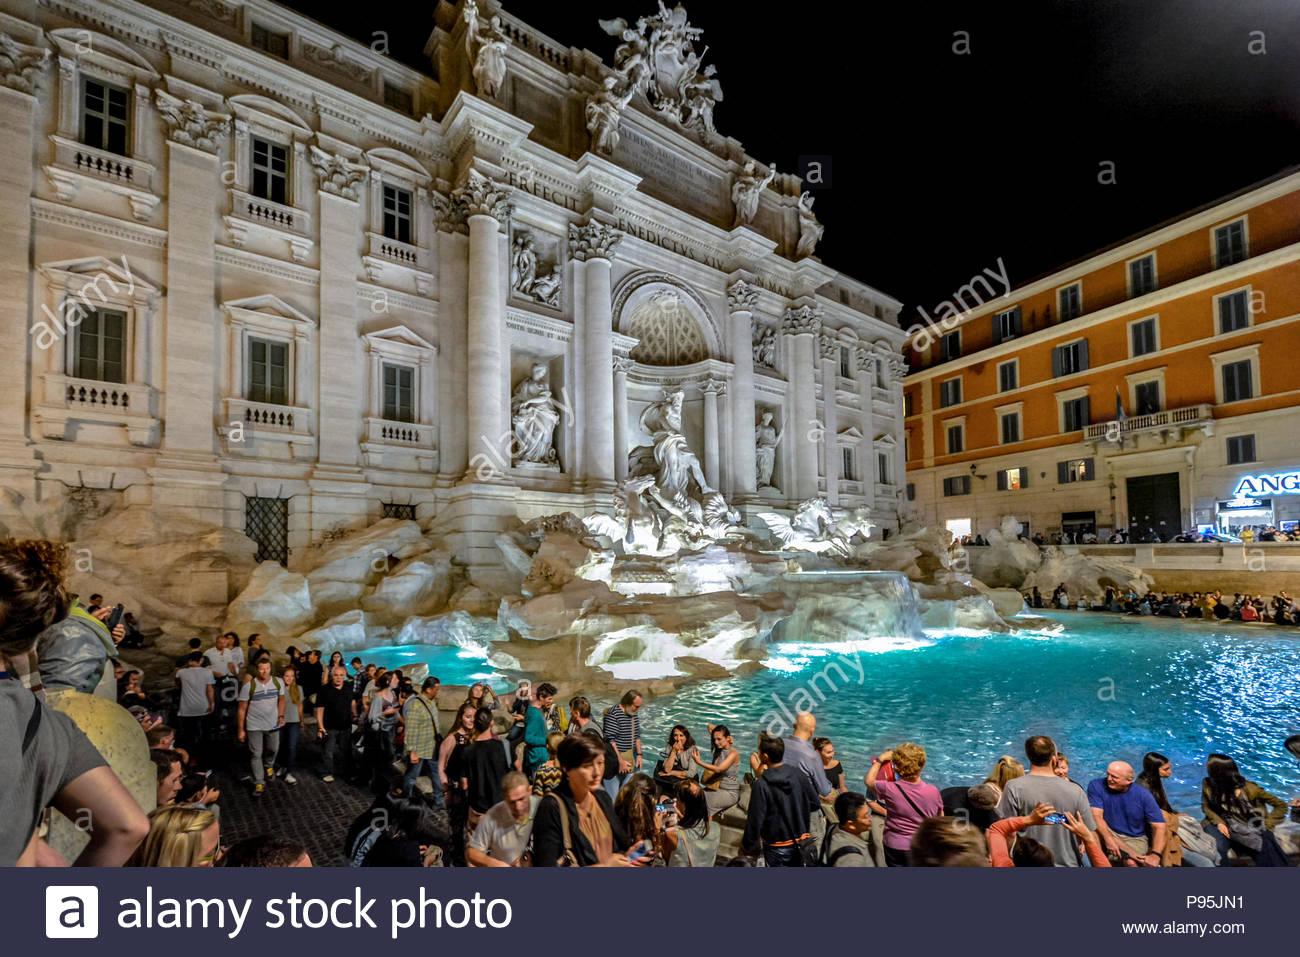 Trevi-brunnen in Rom Italien bunt abends beleuchtet mit Touristen in der Umgebung an einem warmen Sommerabend. Stockbild